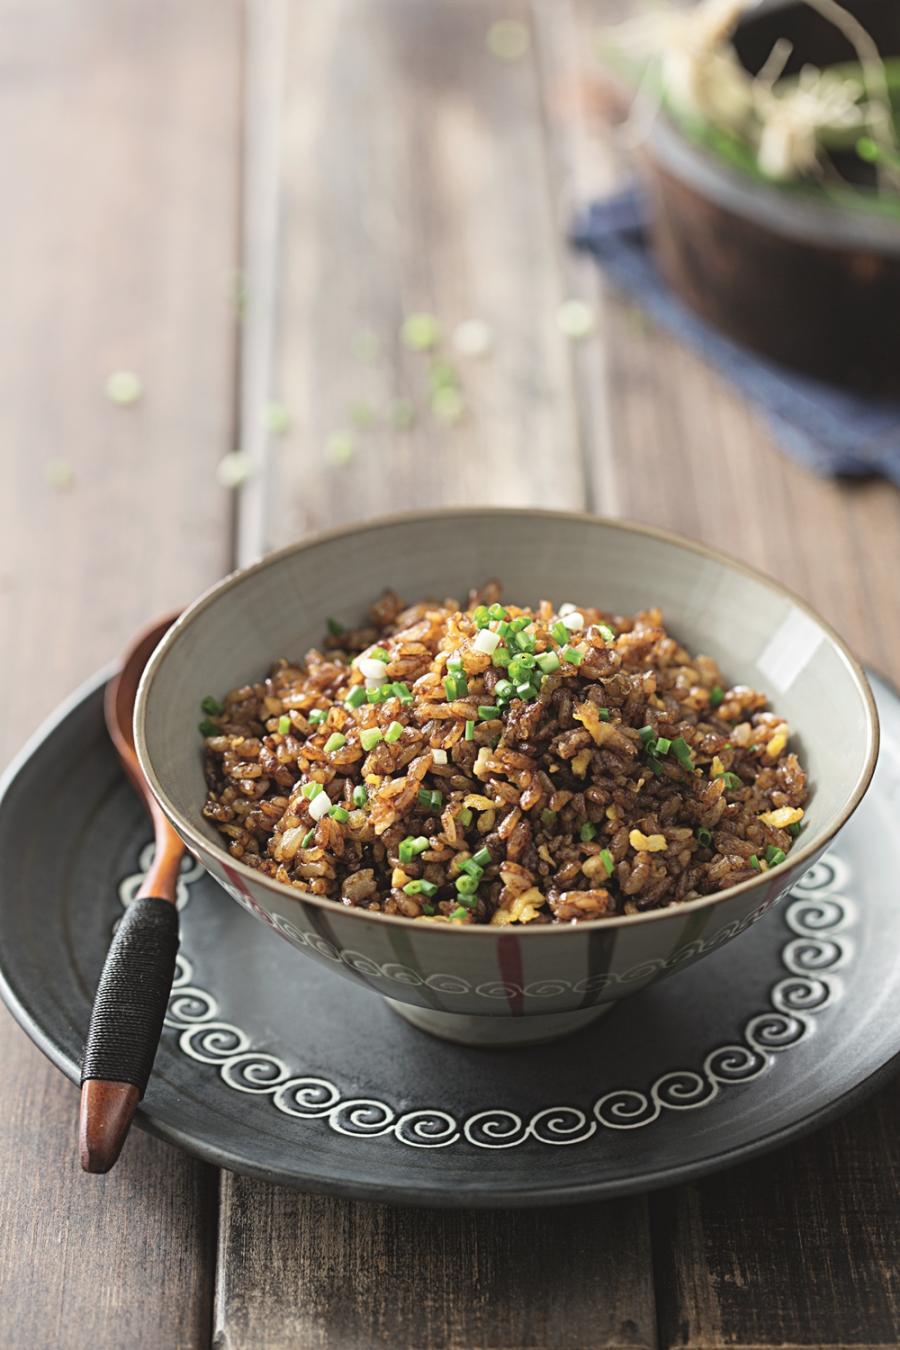 來不及買菜?炒一盤香噴噴「醬油炒飯」記得先調味!